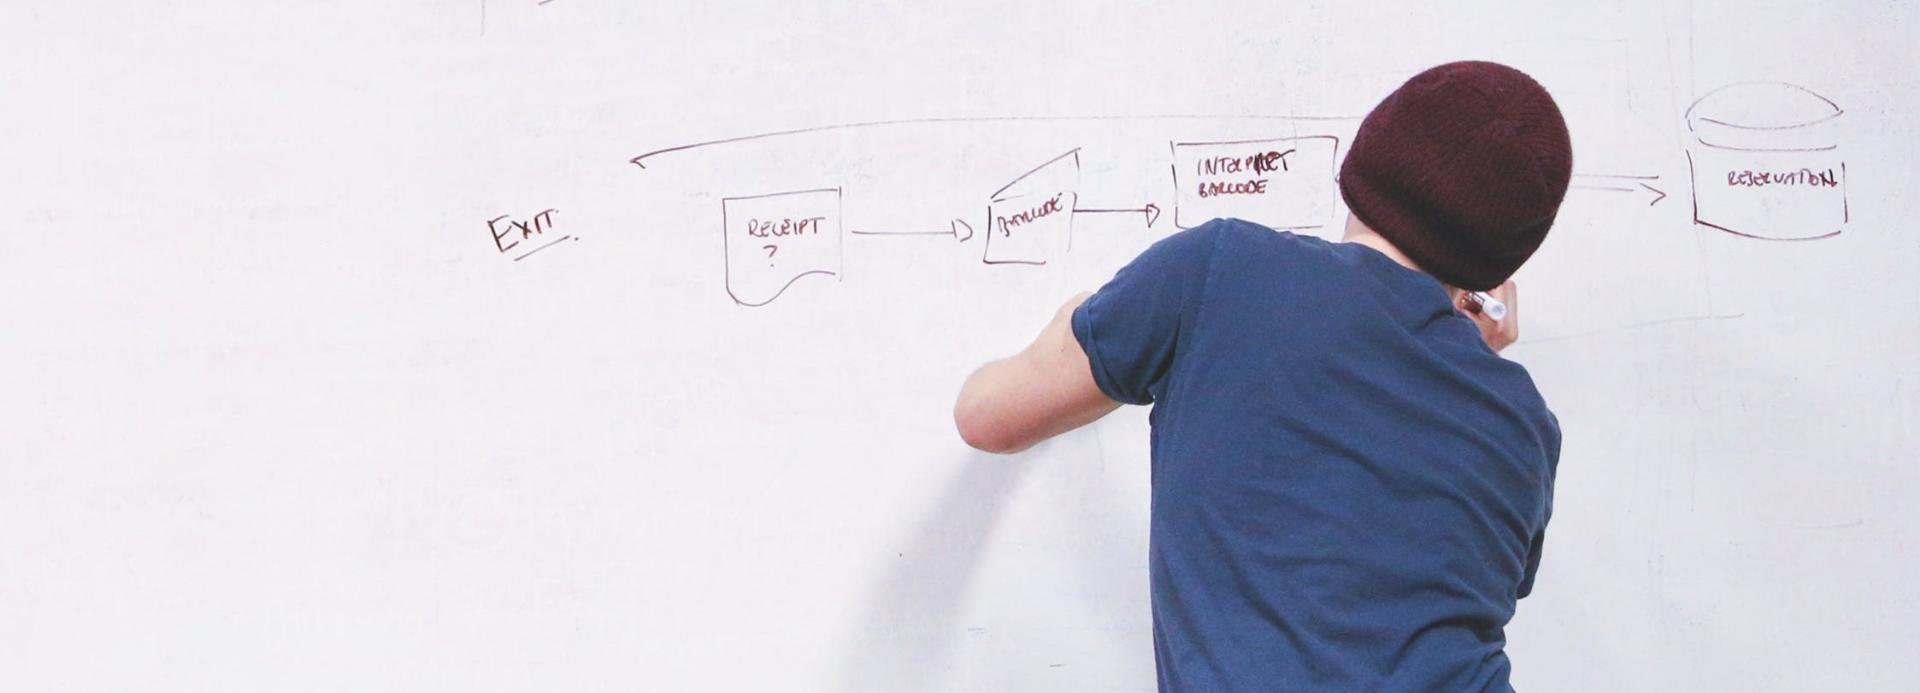 Foto Ideenfindung an der Tafel für Software Entwicklung